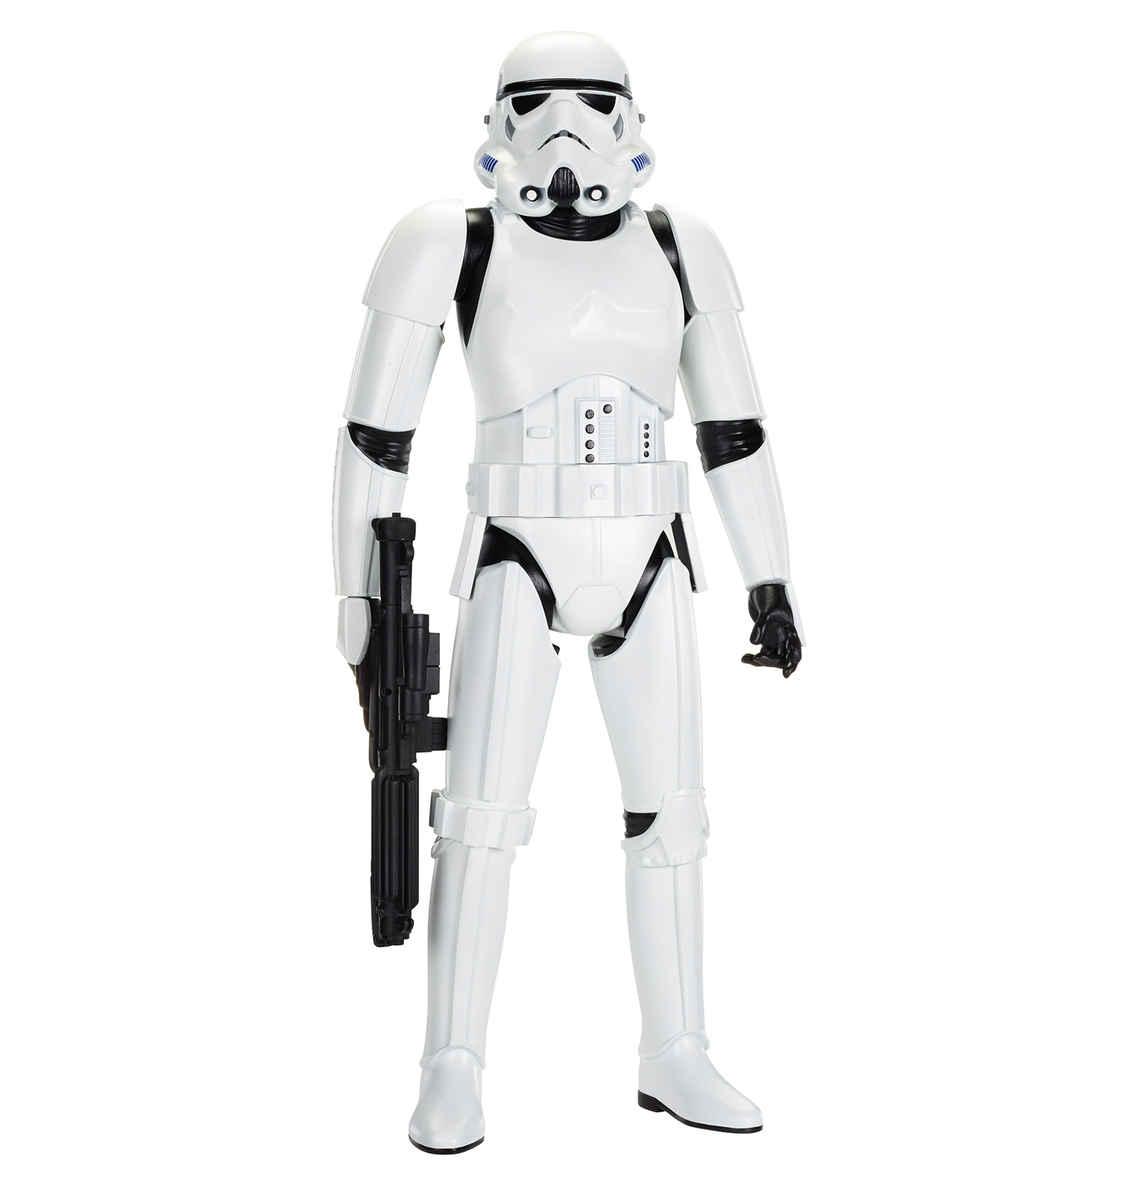 40% Rabatt auf Star Wars Artikel bei Galeria Kaufhof